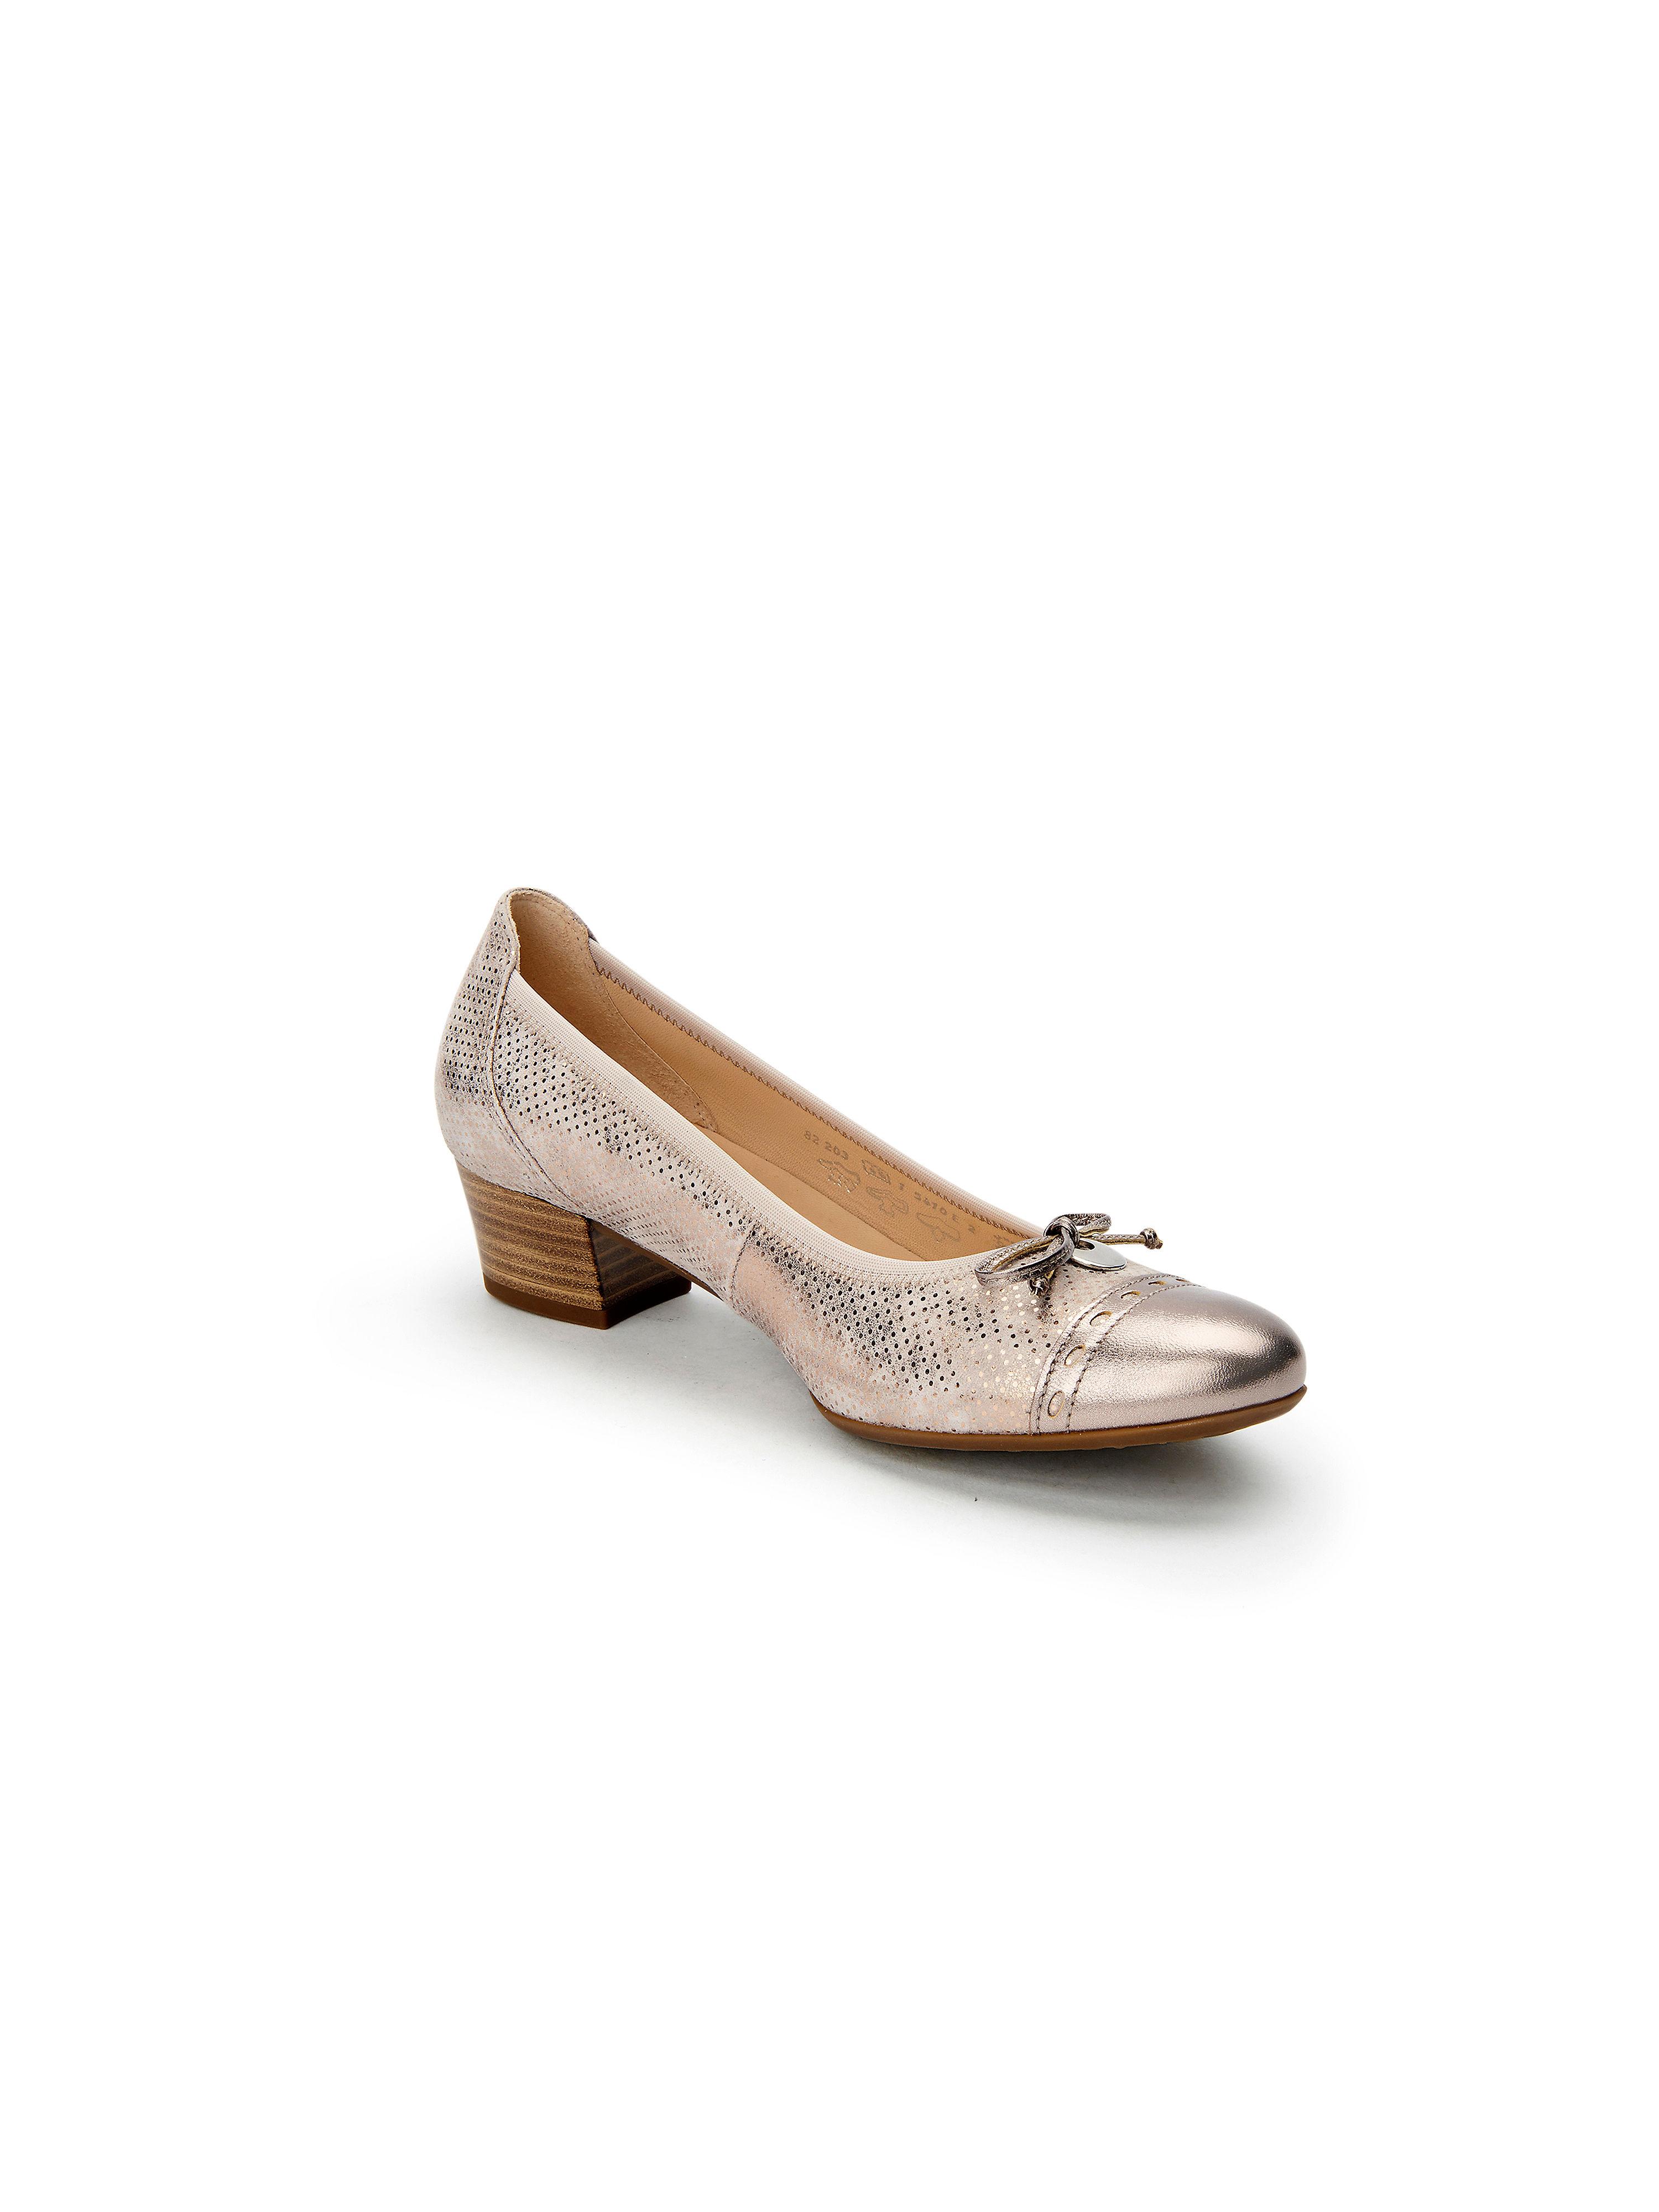 Gabor - Pumps aus 100% Leder - Taupe-Metallic Gute Qualität beliebte Schuhe